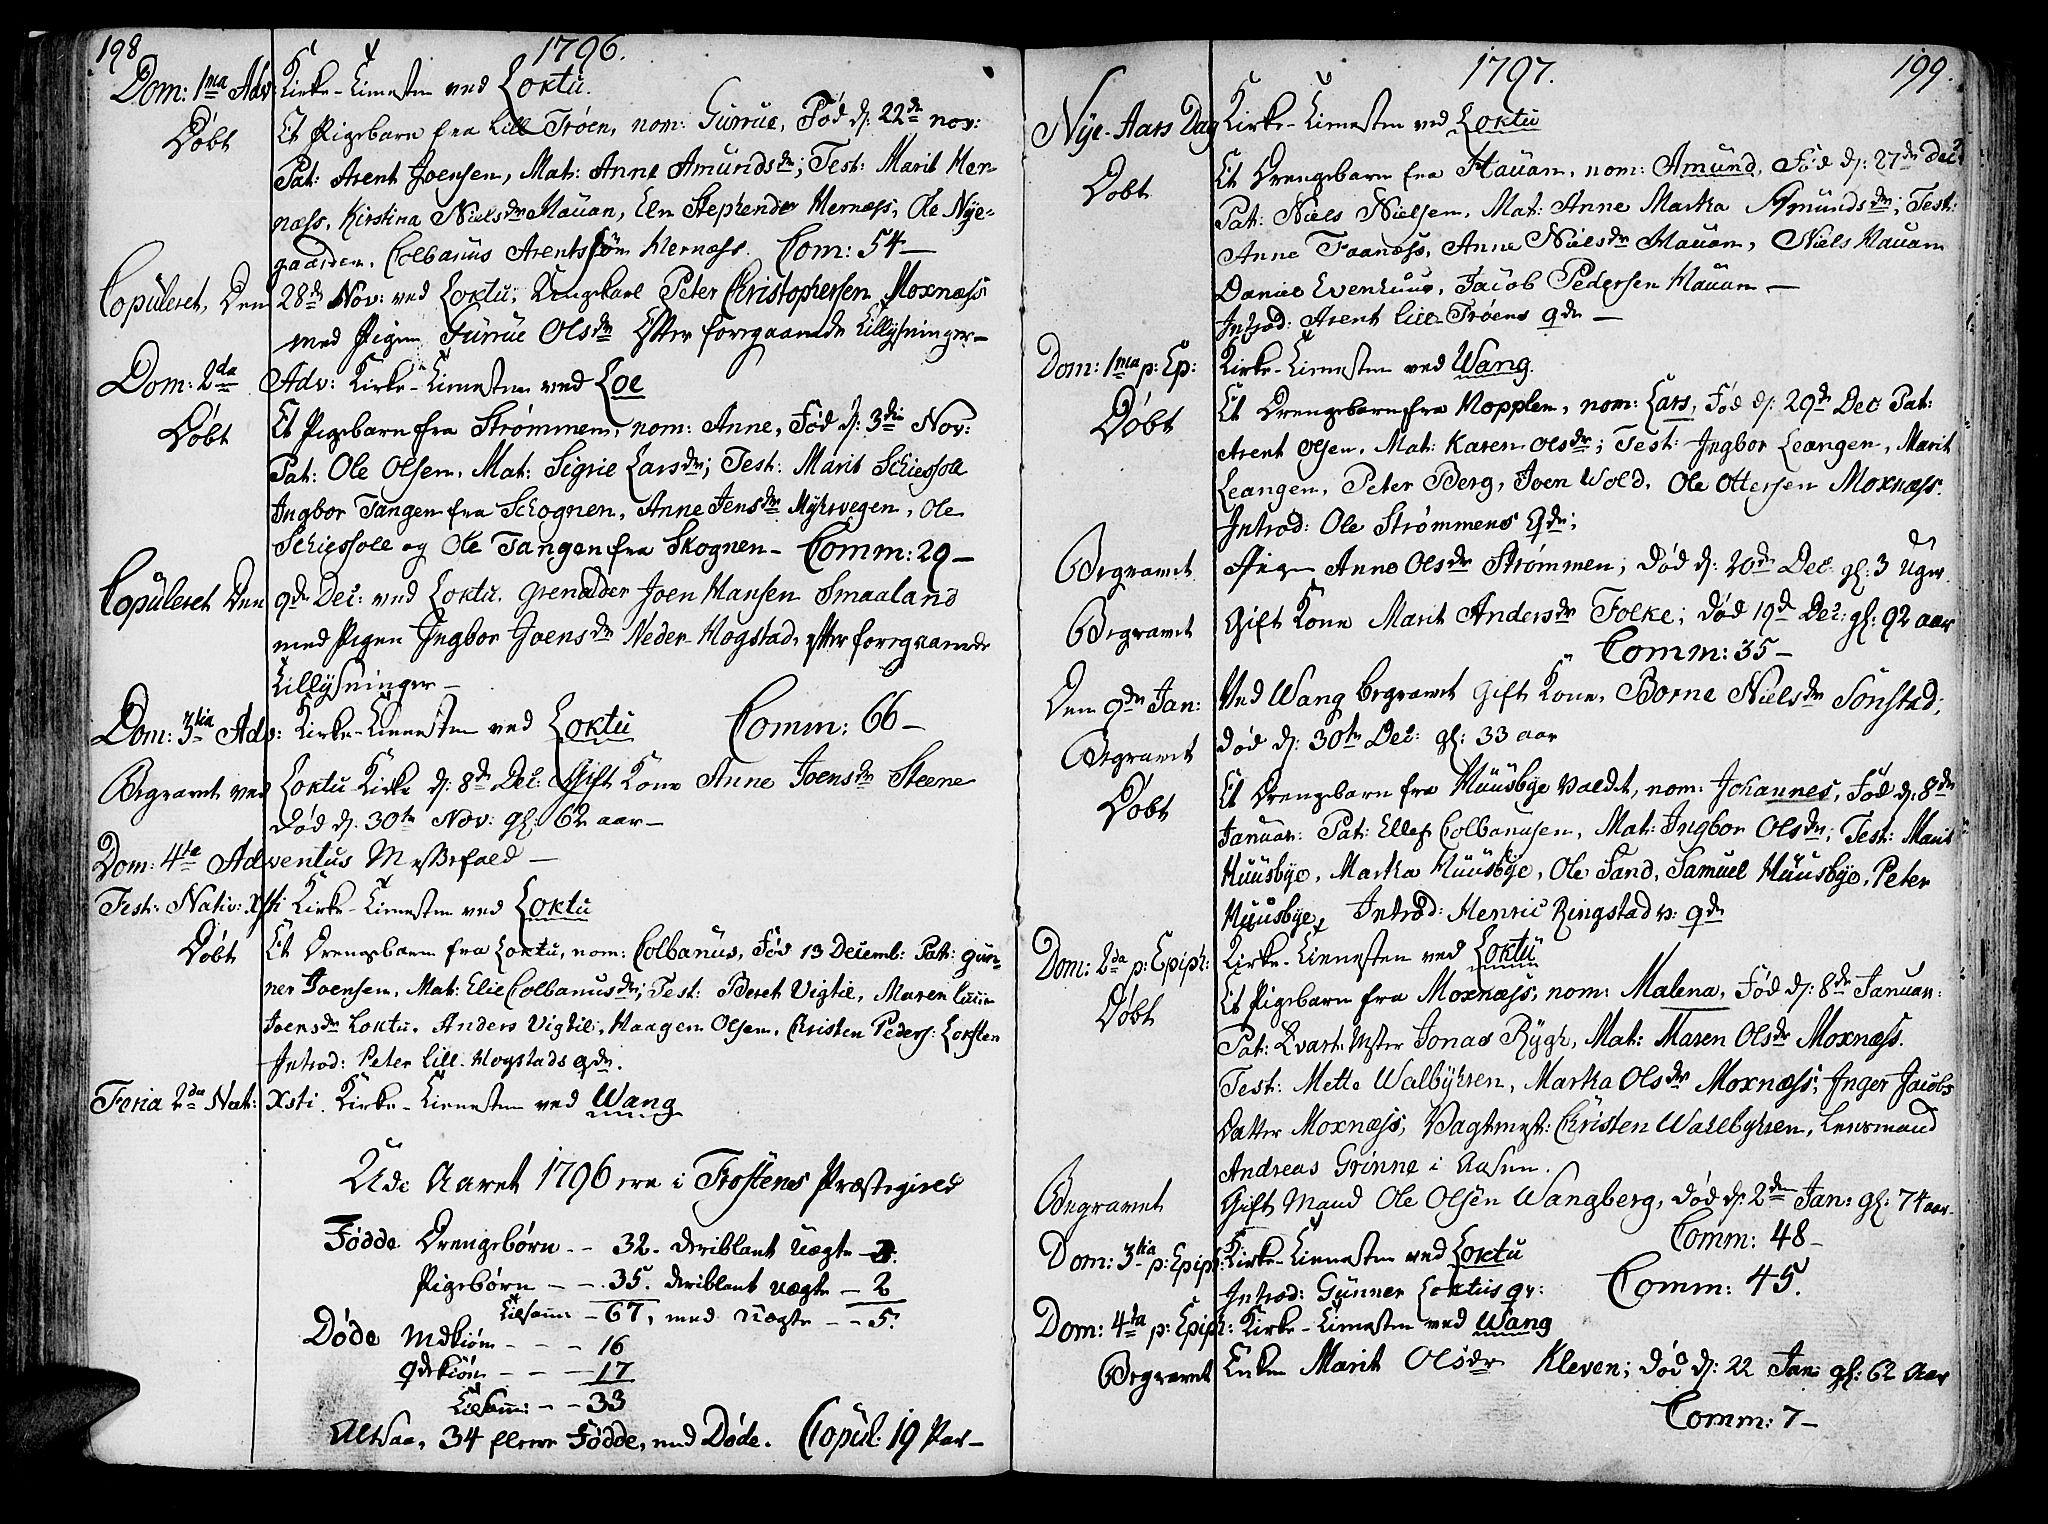 SAT, Ministerialprotokoller, klokkerbøker og fødselsregistre - Nord-Trøndelag, 713/L0110: Ministerialbok nr. 713A02, 1778-1811, s. 198-199